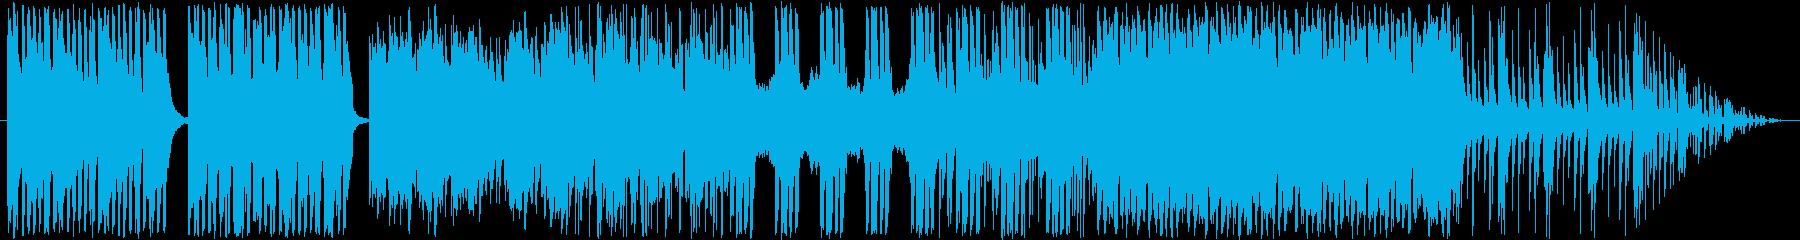 推理・ゴシック調の再生済みの波形